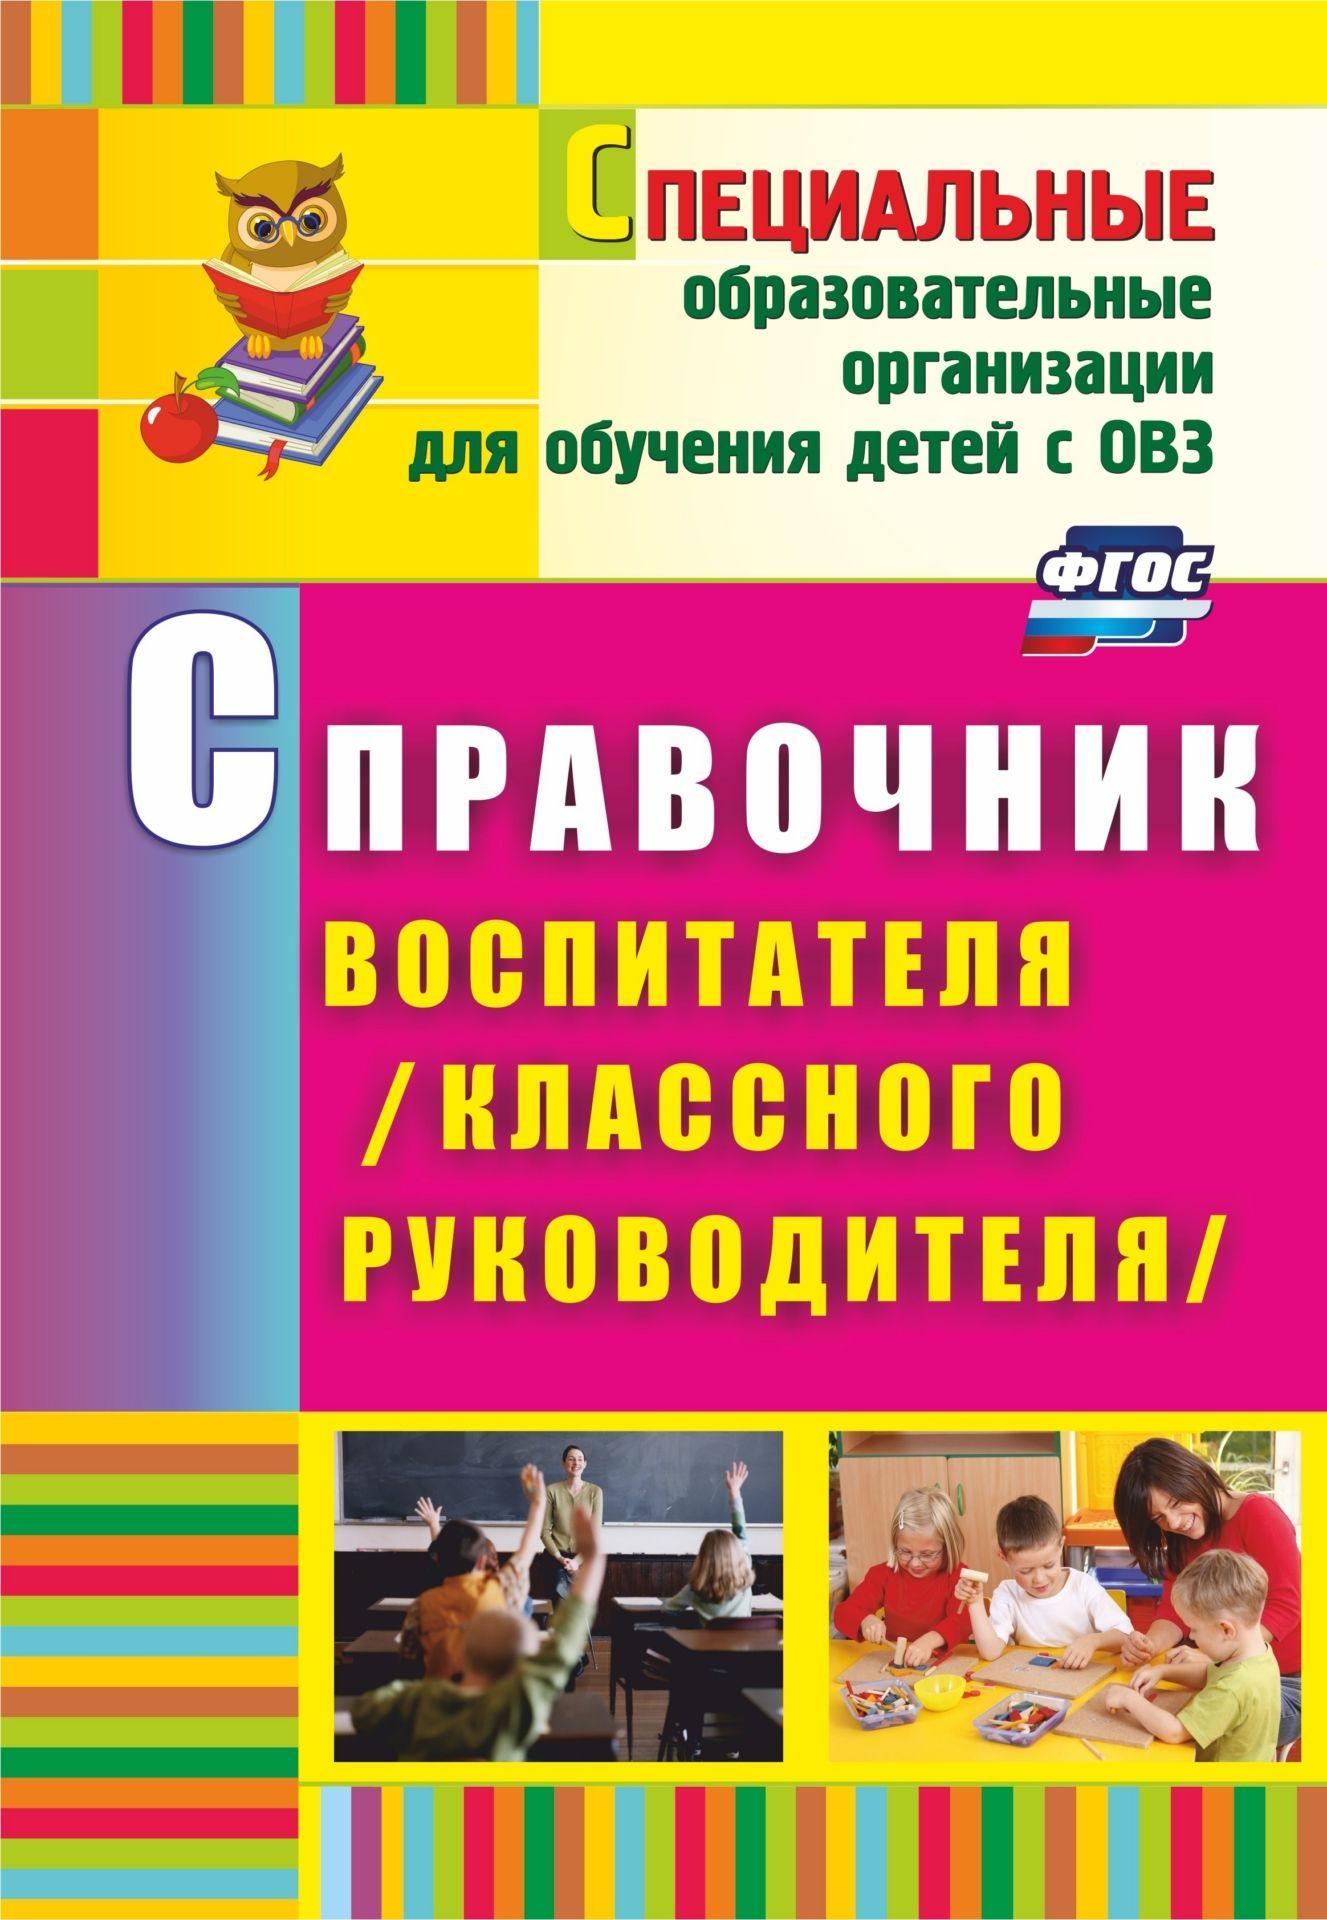 Купить со скидкой Справочник воспитателя (классного руководителя)